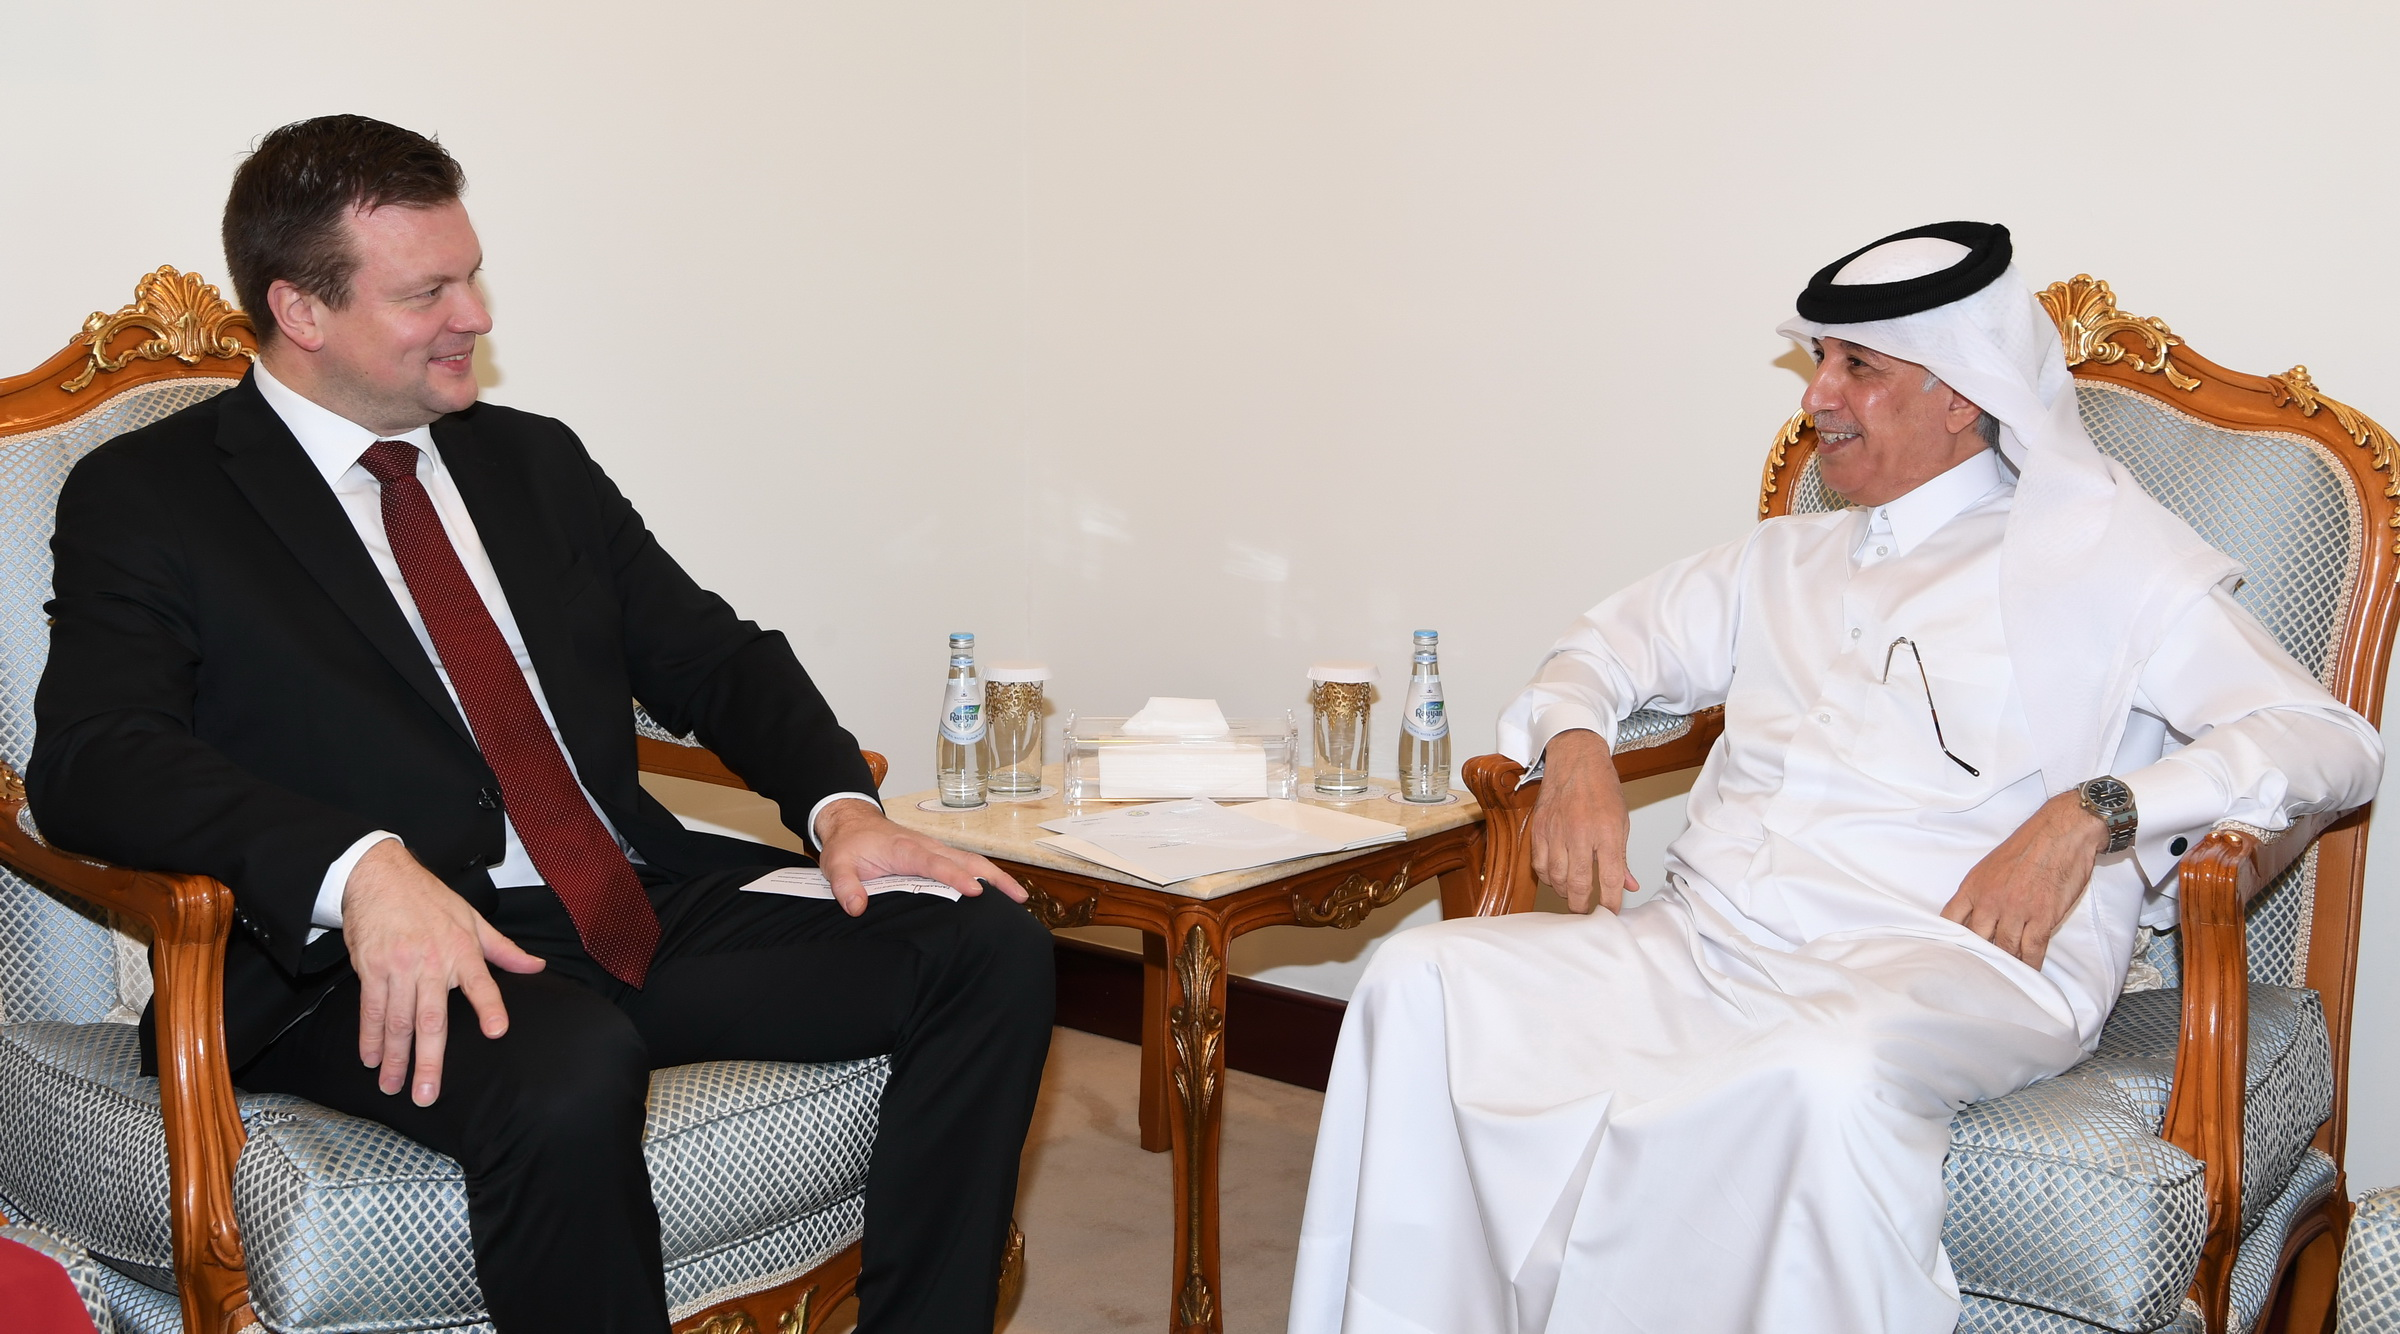 وزير الدولة للشؤون الخارجية يجتمع مع وزير التنمية والتجارة الخارجية الفنلندي